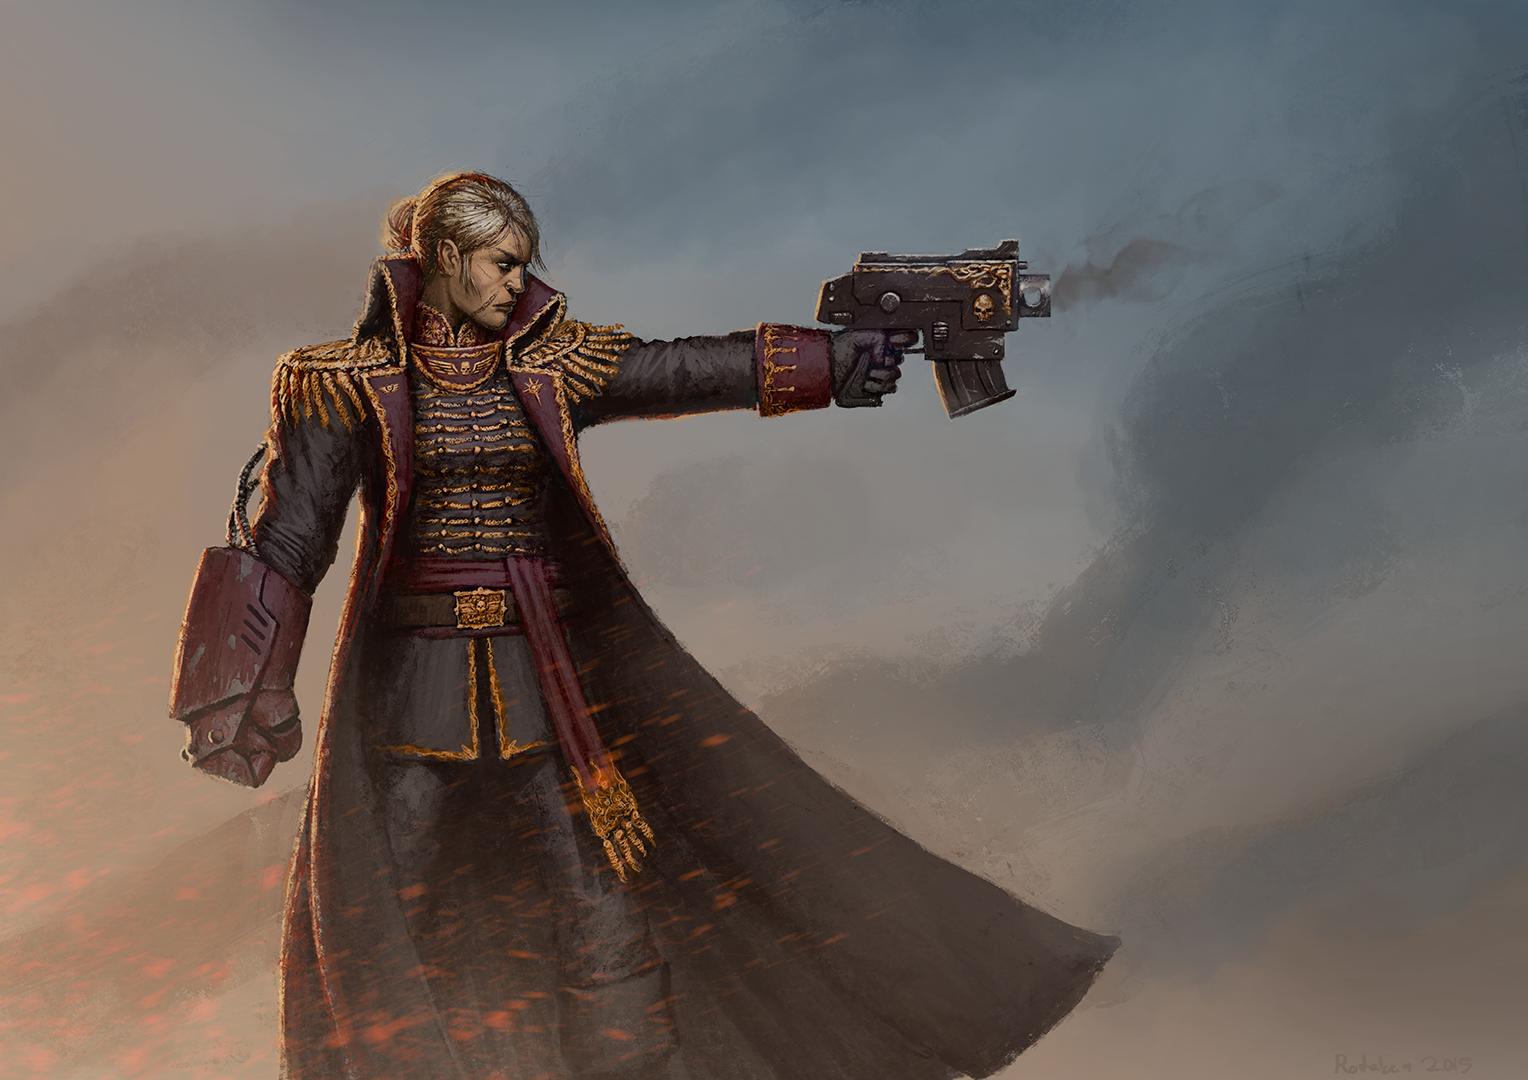 Commissar by Rotaken on DeviantArt